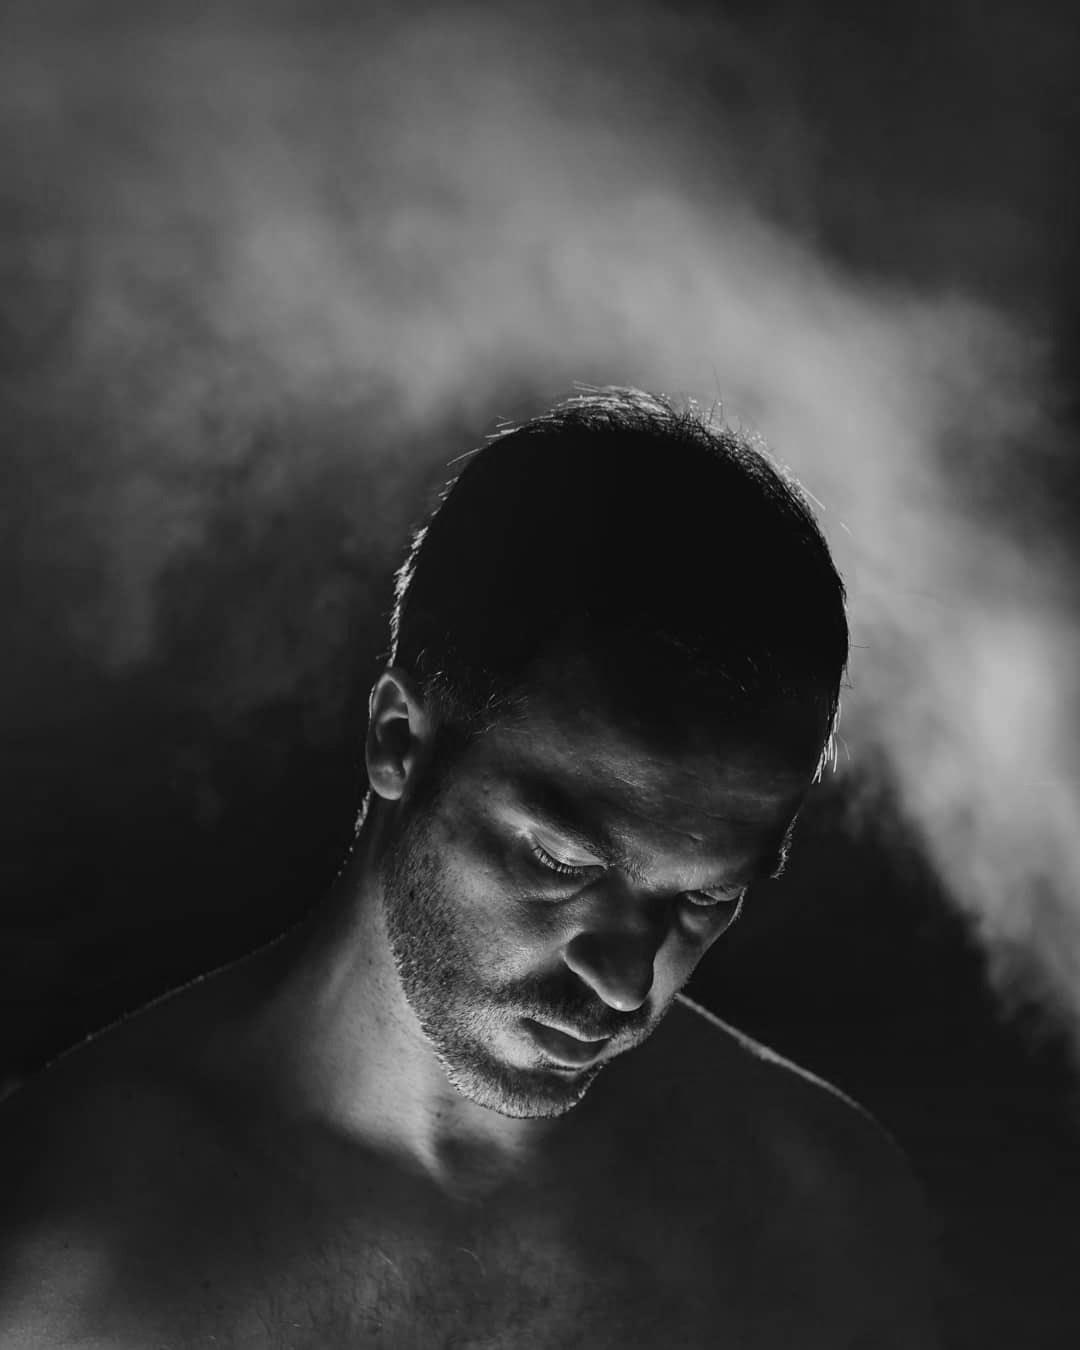 PortraiT, by AL DIAZ